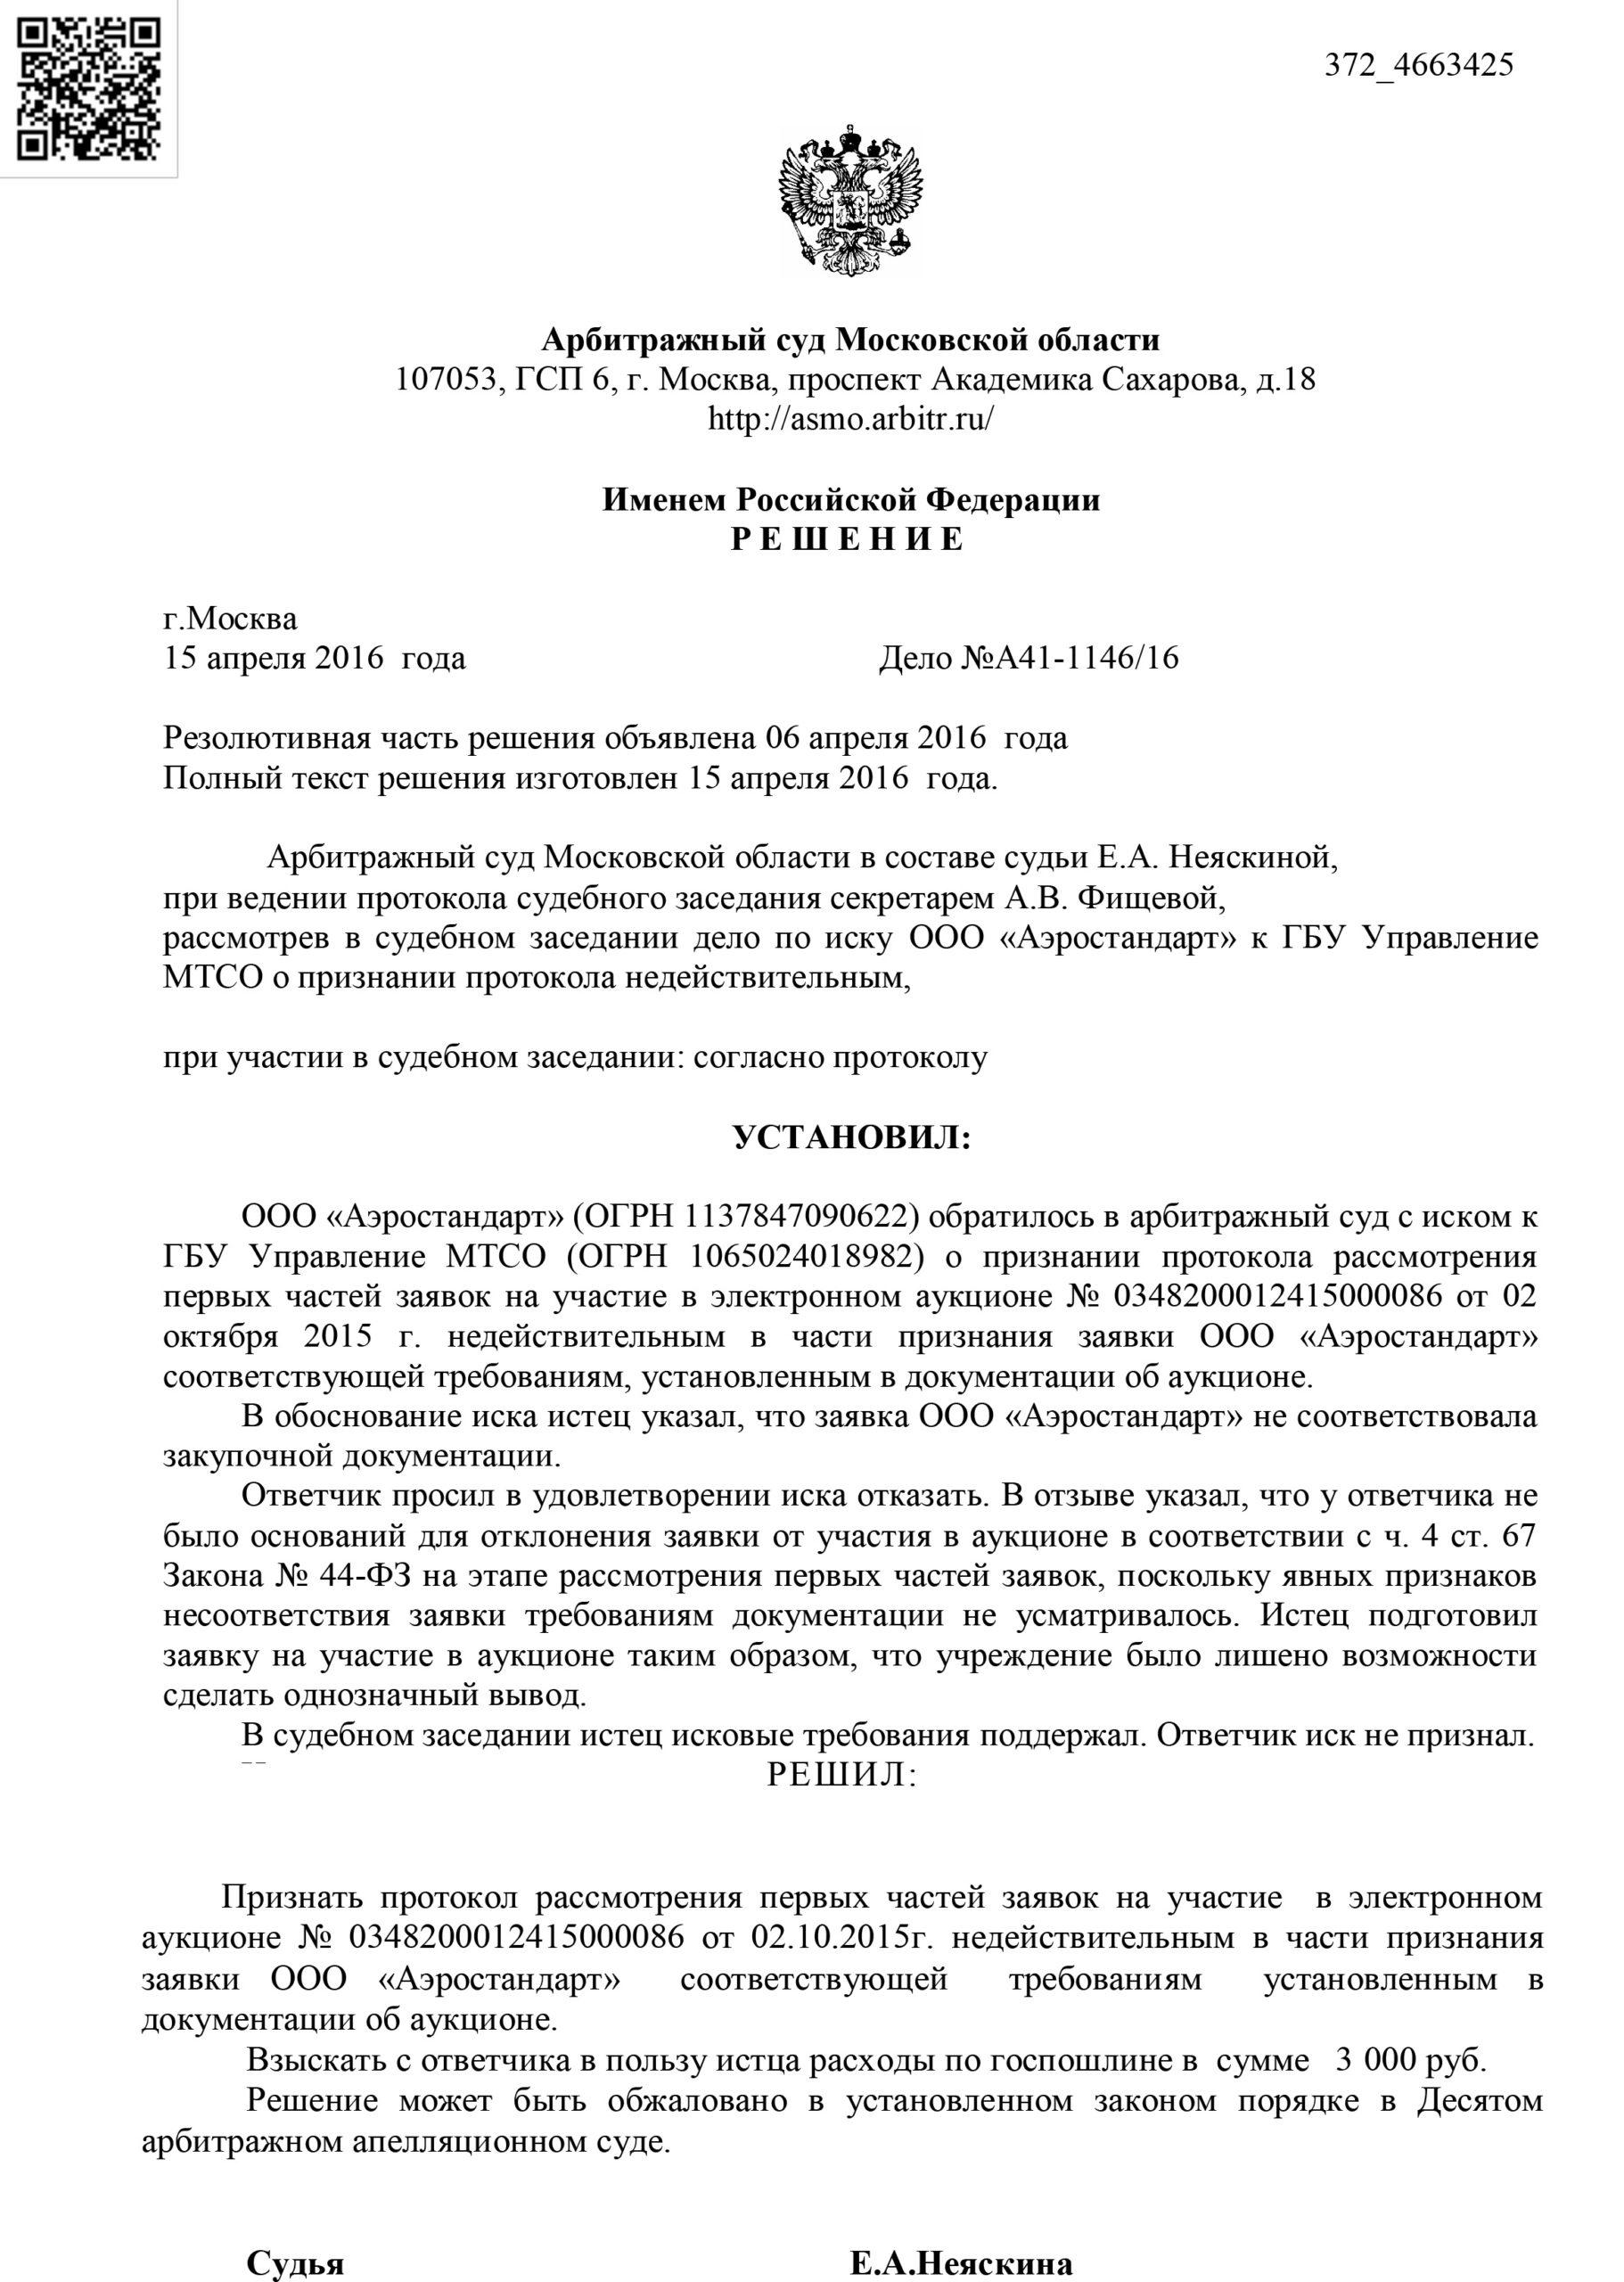 АС Москва Обжаловали решение заказчика о допуске A41-1146-2016_20160413_Reshenija_i_postanovlenija-1